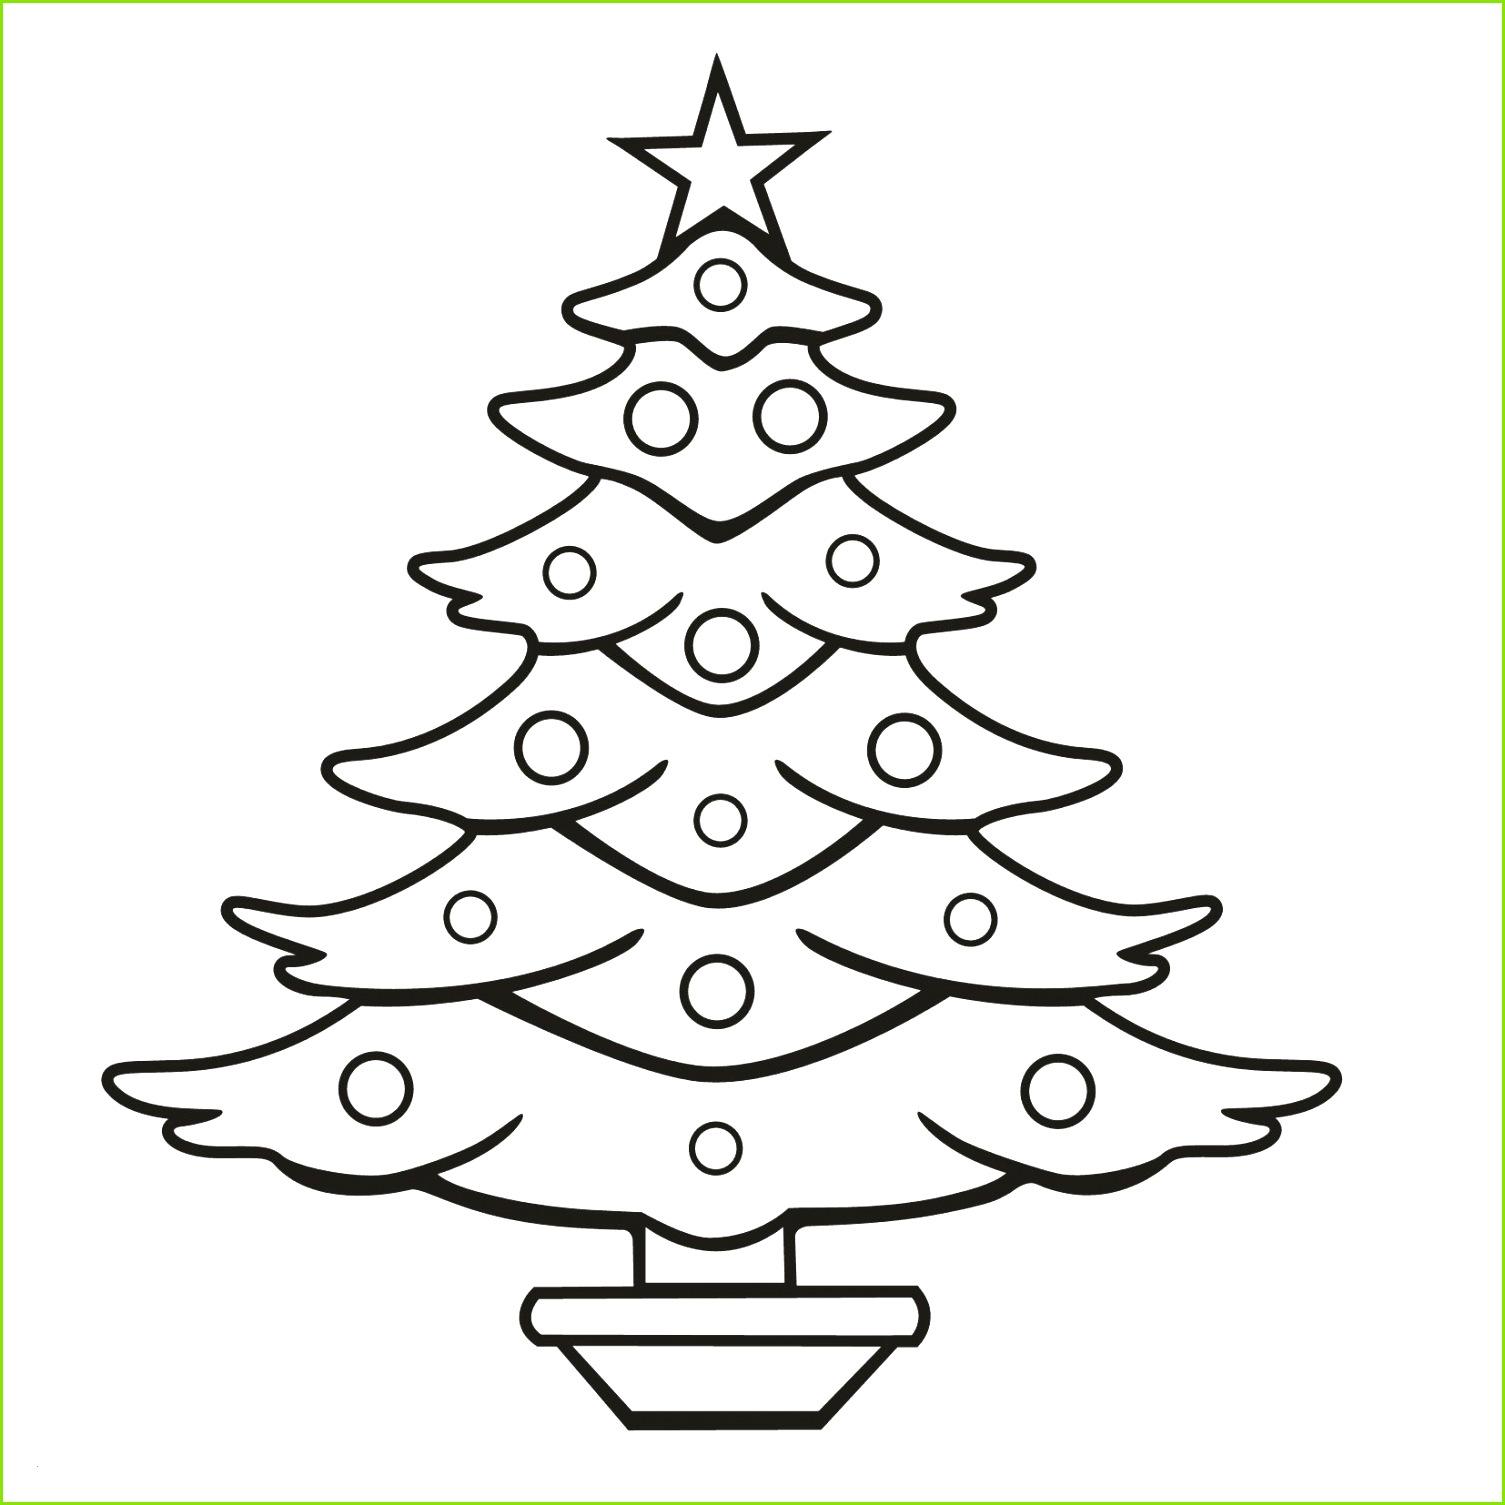 Tannenbaum Vorlage Zum Ausdrucken 2 Frisch 37 Weihnachtsbaum Ausmalbilder Scoredatscore